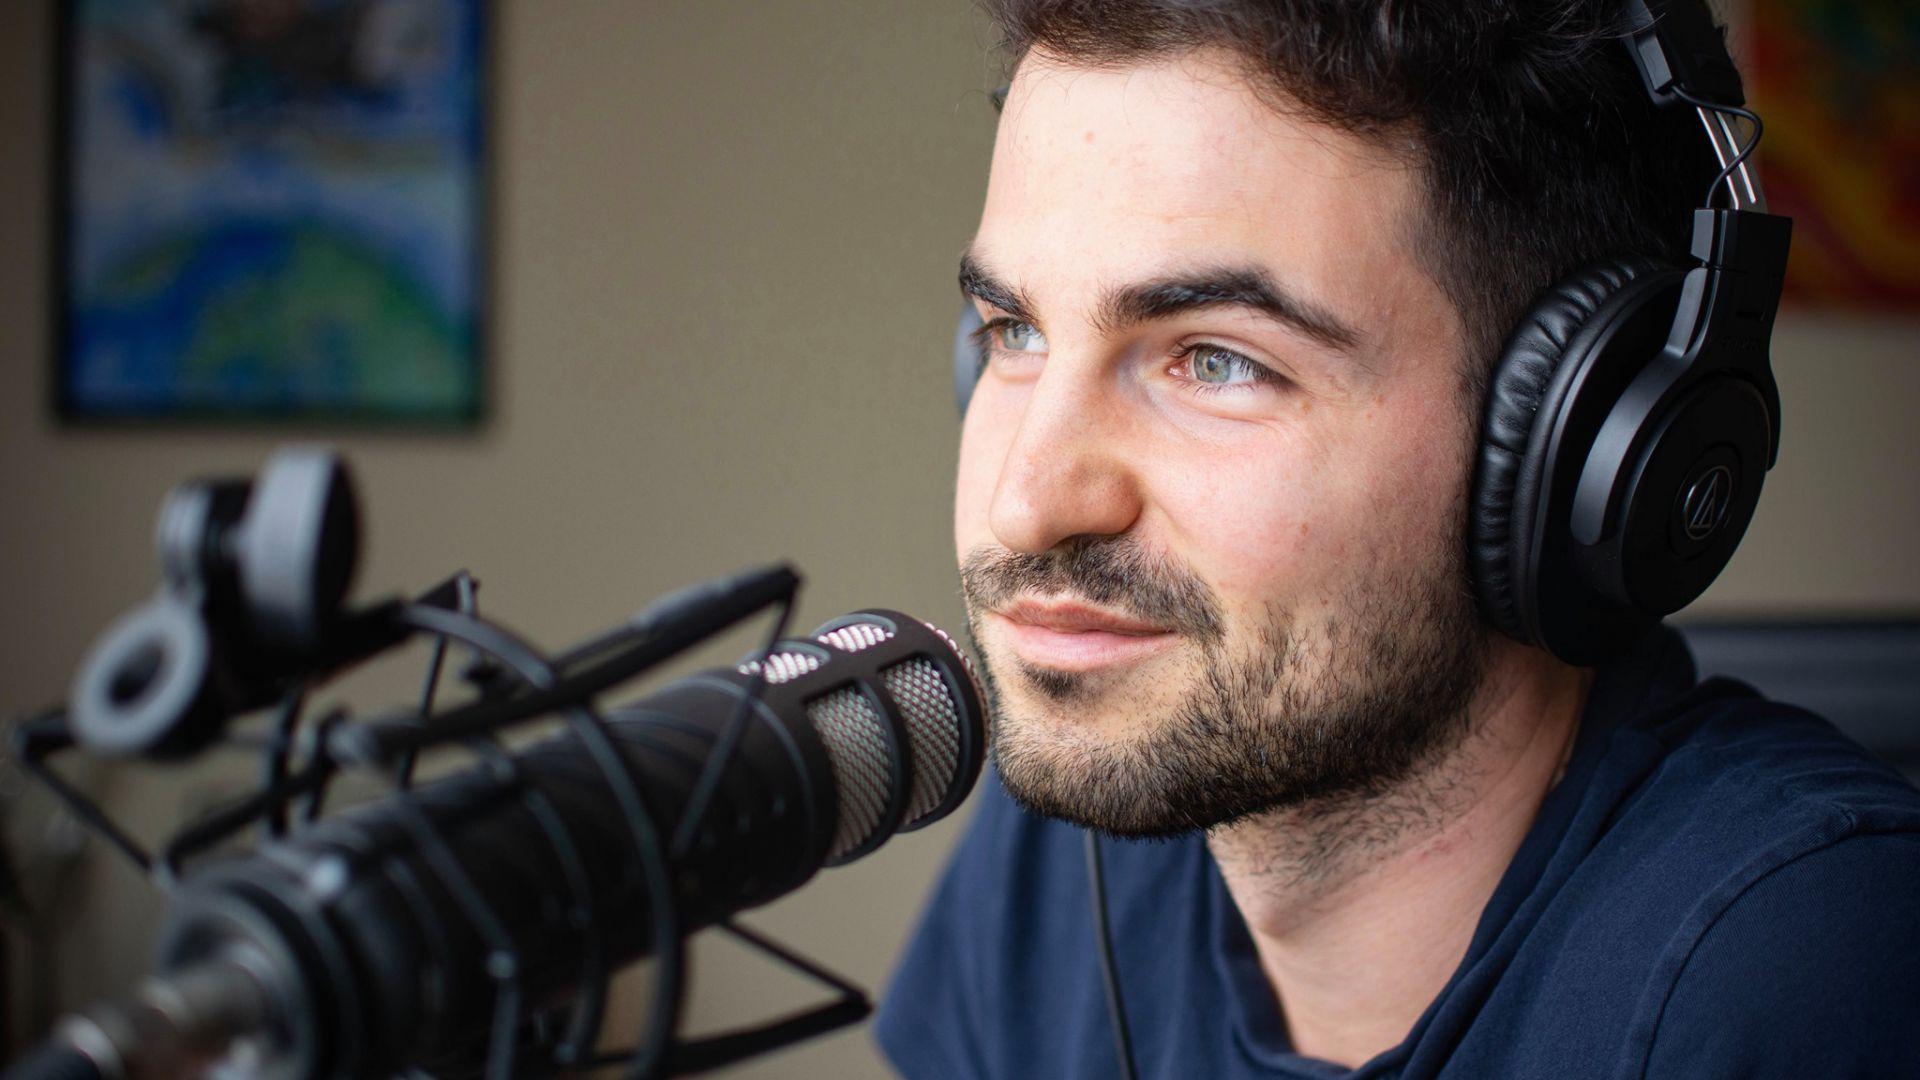 Петър Георгиев е независим журналист, изследващ света на новите технологии